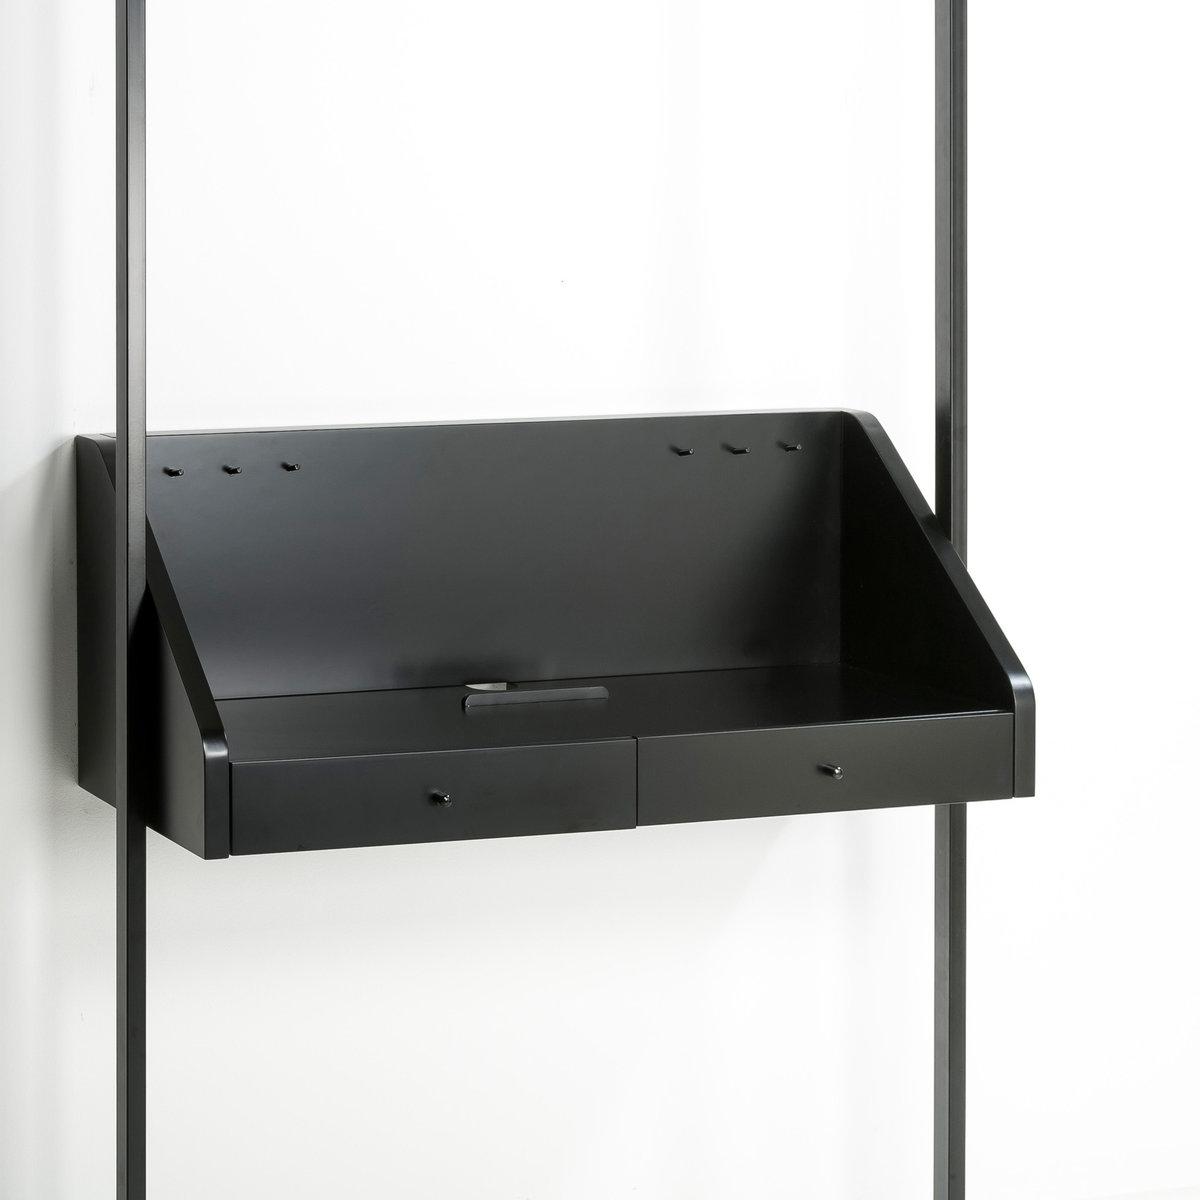 Трюмо Kyriel для гардеробнойТрюмо для размещения в гардеробной Kyriel. Гардеробная от Kyriel - это модулируемая при желании эстетичная и практичная мебельная система, созданная с учетом любых пространств и стилей .Характеристики : - МДФ, отделка полиуретановым лаком матового или блестящего цвета- Крепится на стену с помощью входящего в комплект крепления - Вы также можете закрепить трюмо на стойках Kyriel  с помощью уголковых кронштейнов Taktik, продающихся на нашем сайте .Размеры : - 110 x 45 x 45,5 см . Доставка:Доставка будет осуществлена до вашей квартиры  ! Внимание ! Убедитесь, что товар возможно доставить на дом, учитывая его габариты (проходит в двери, по лестницам, в лифты).<br><br>Цвет: черный